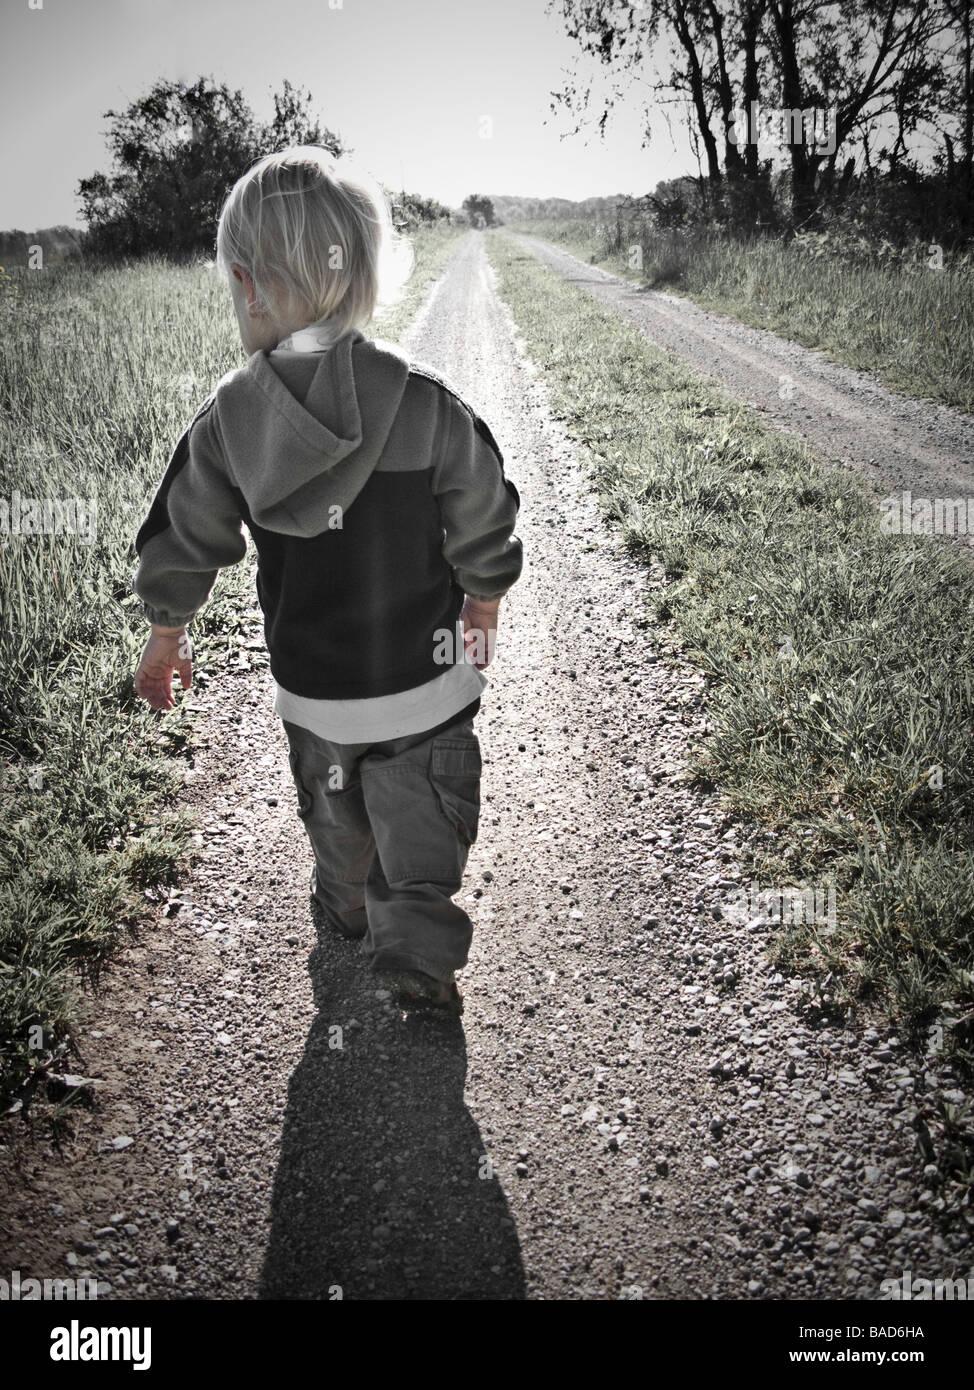 Bambino a piedi lungo una strada di ghiaia Immagini Stock